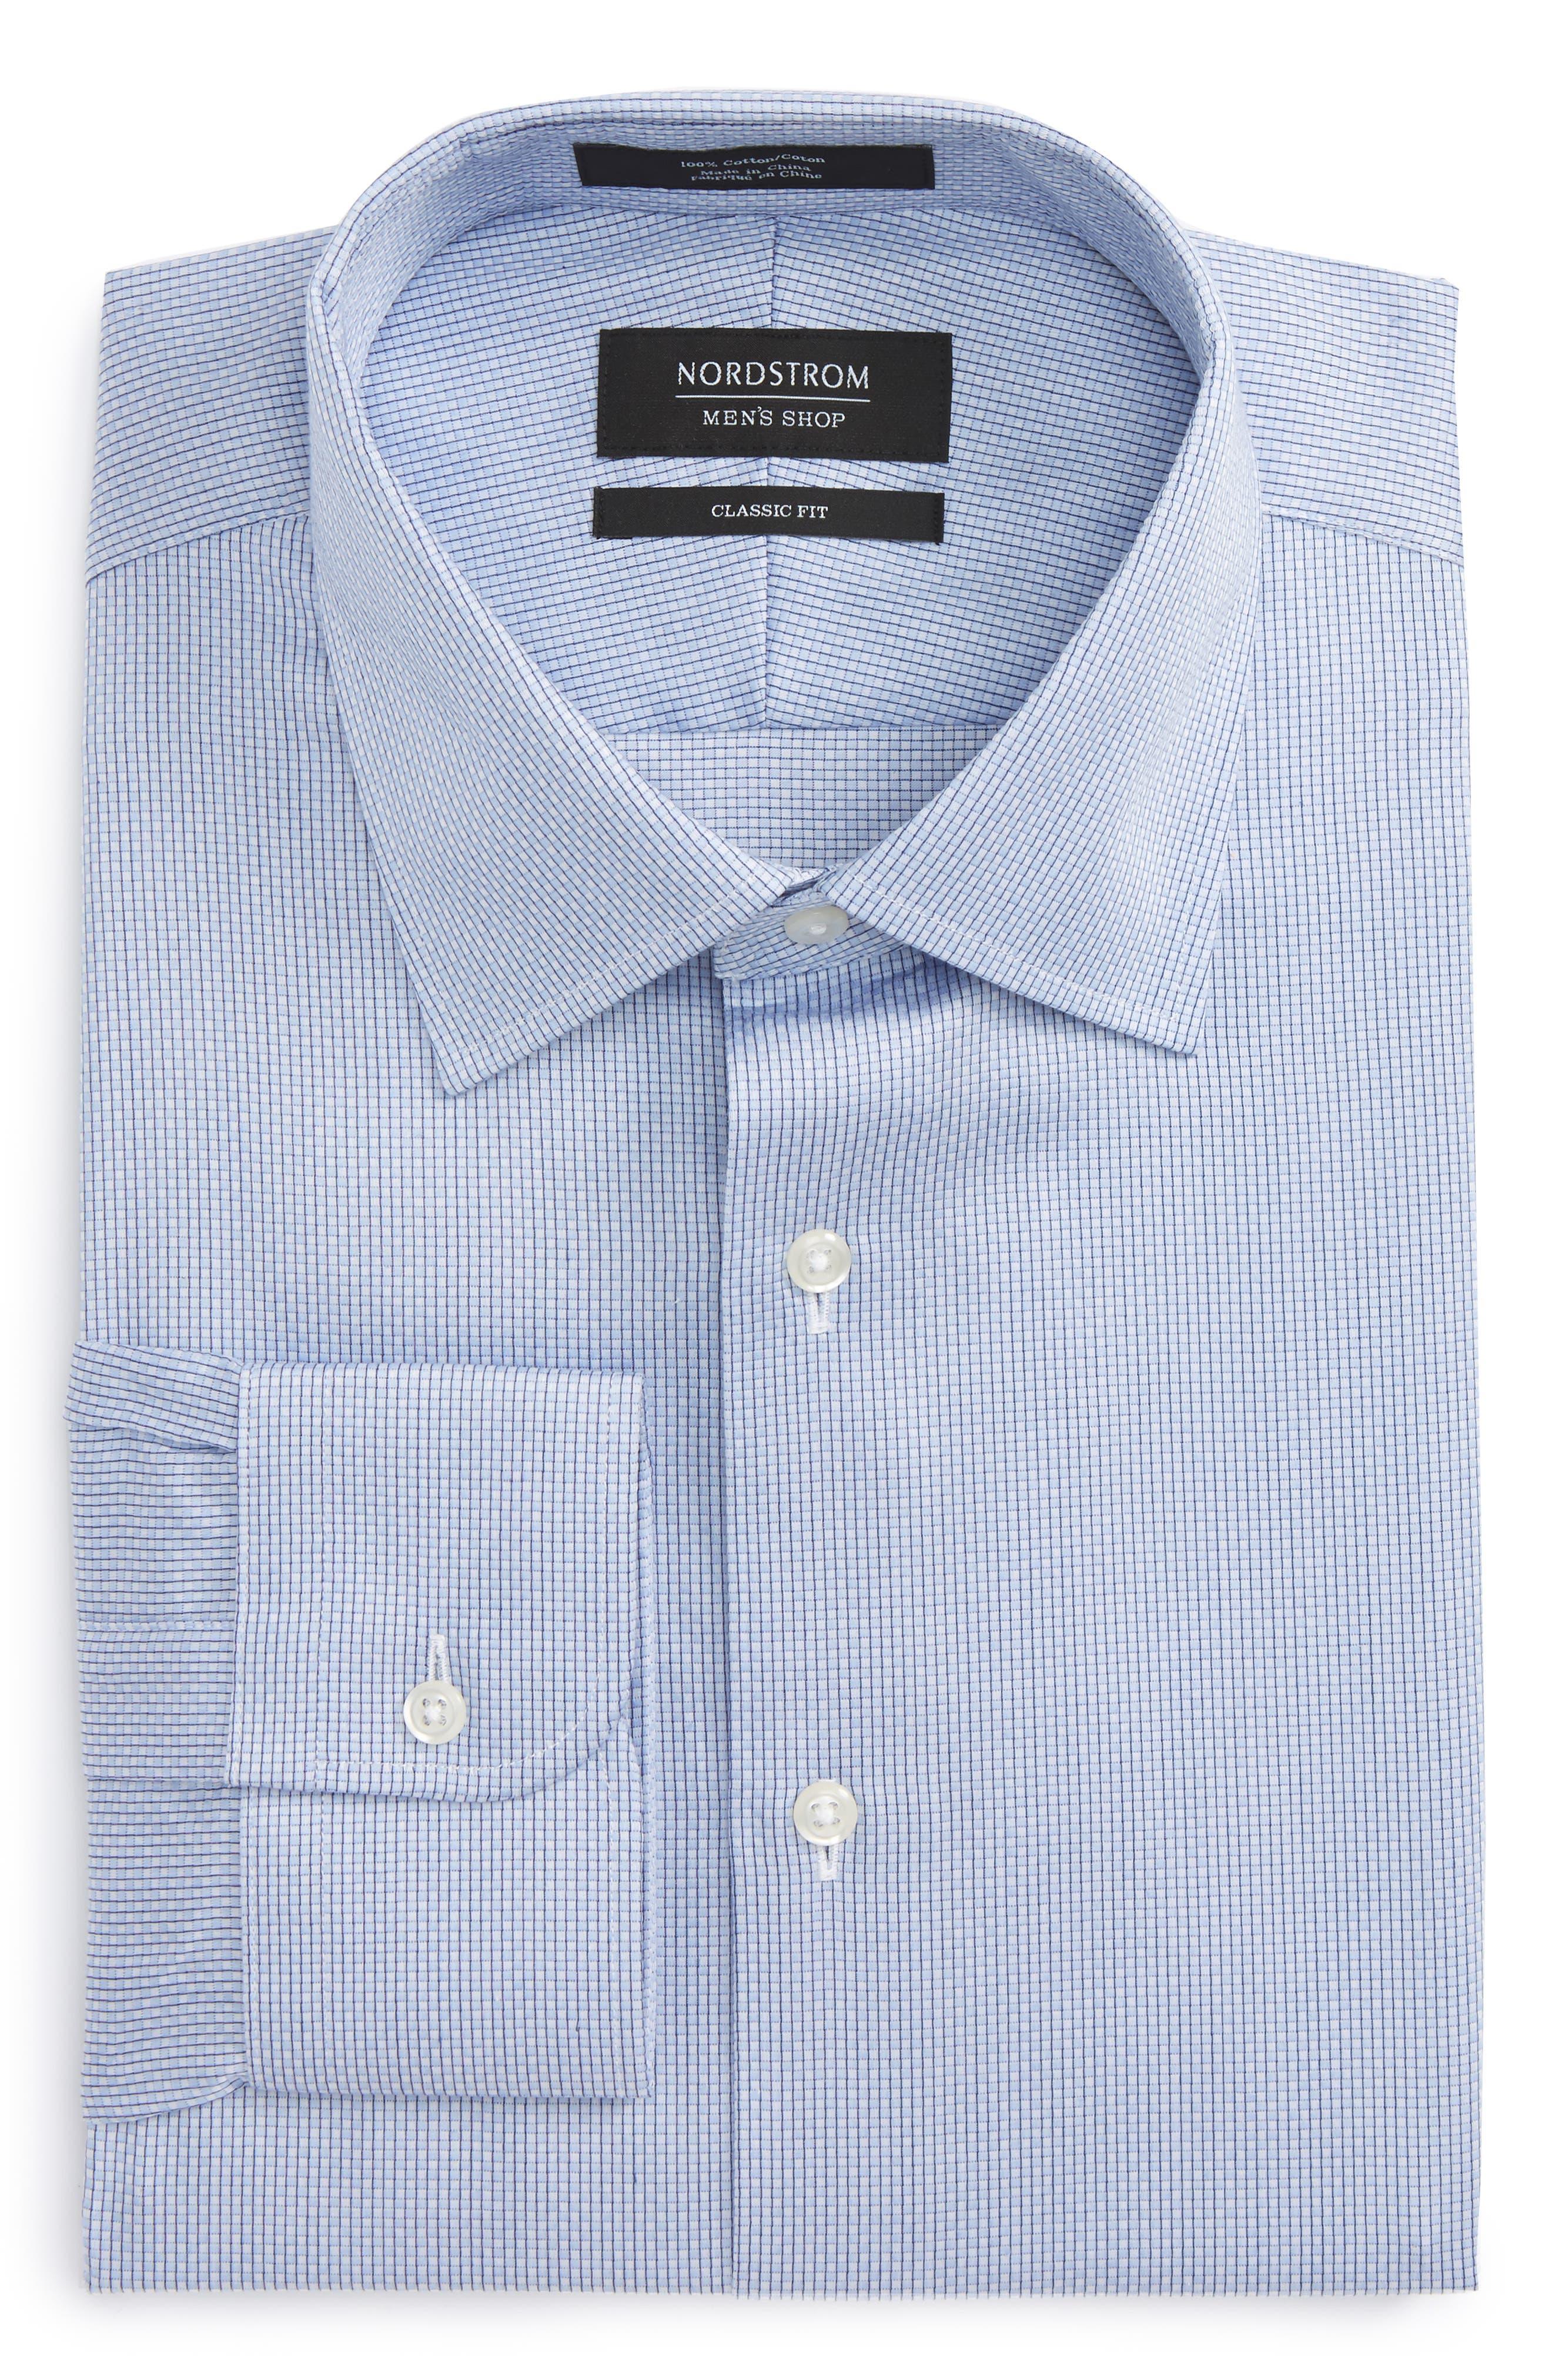 Classic Fit Check Dress Shirt,                         Main,                         color, Blue Lustre